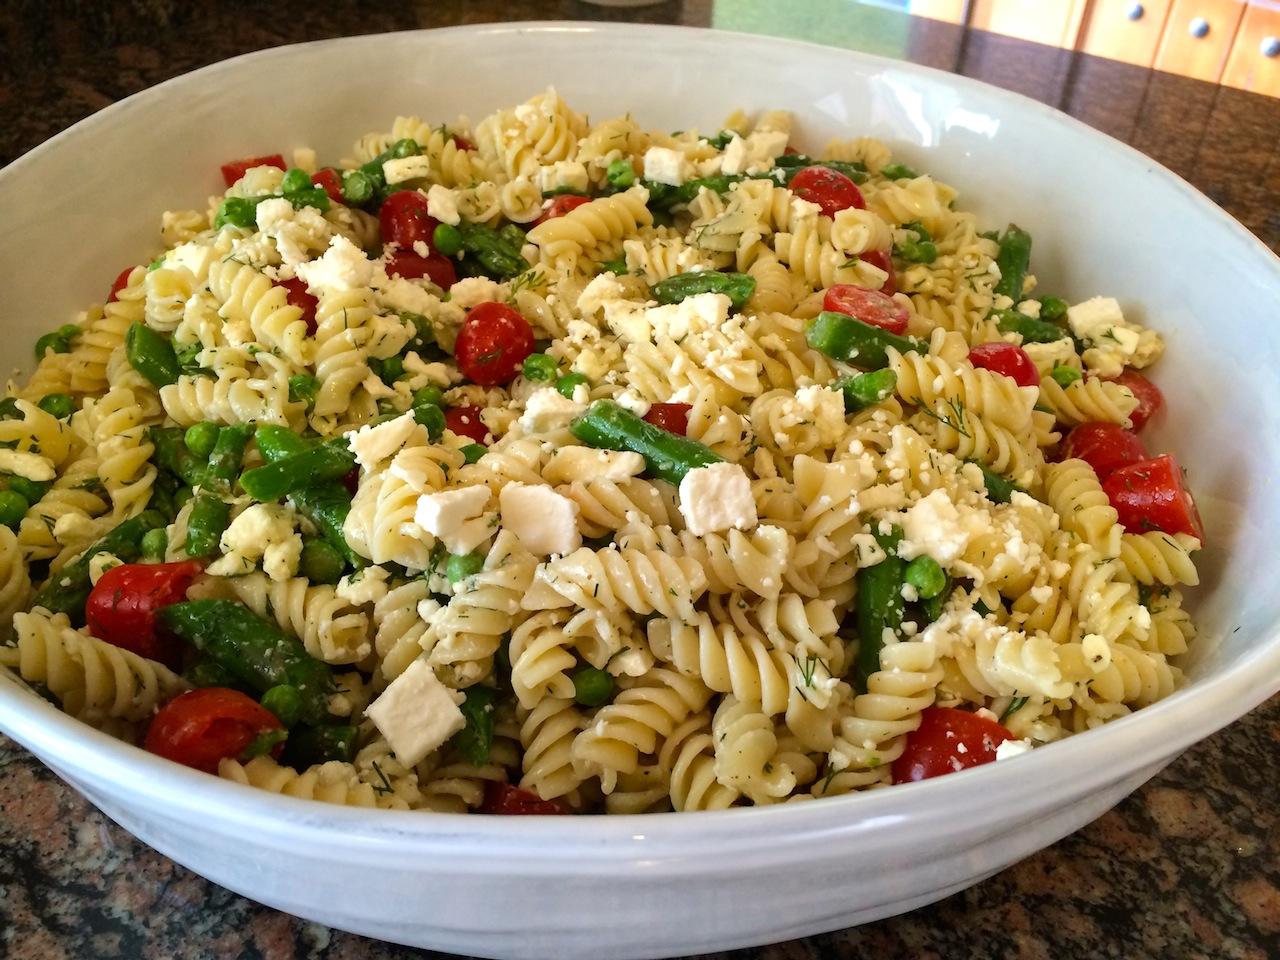 Pasta Salad Taste By Taste